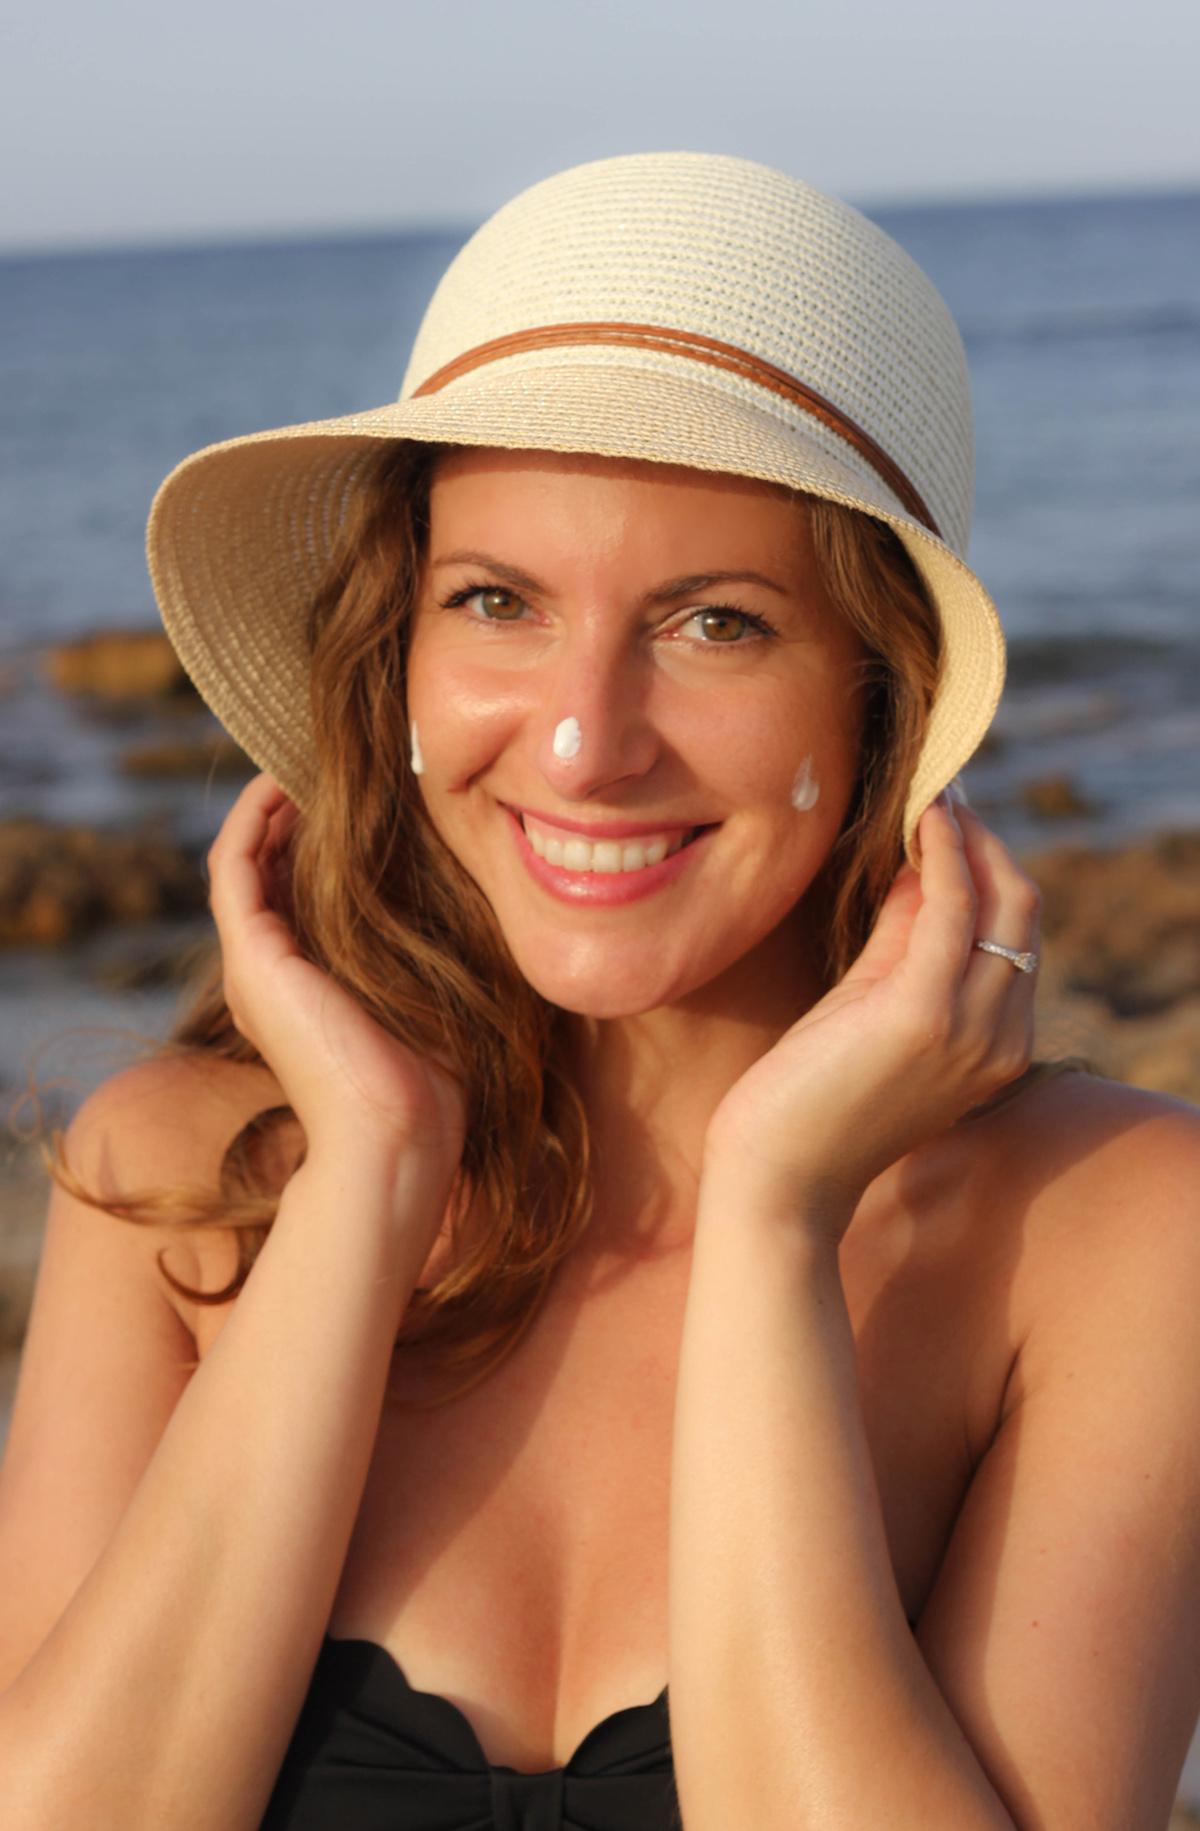 Sonnenschutz-beauty-ressort